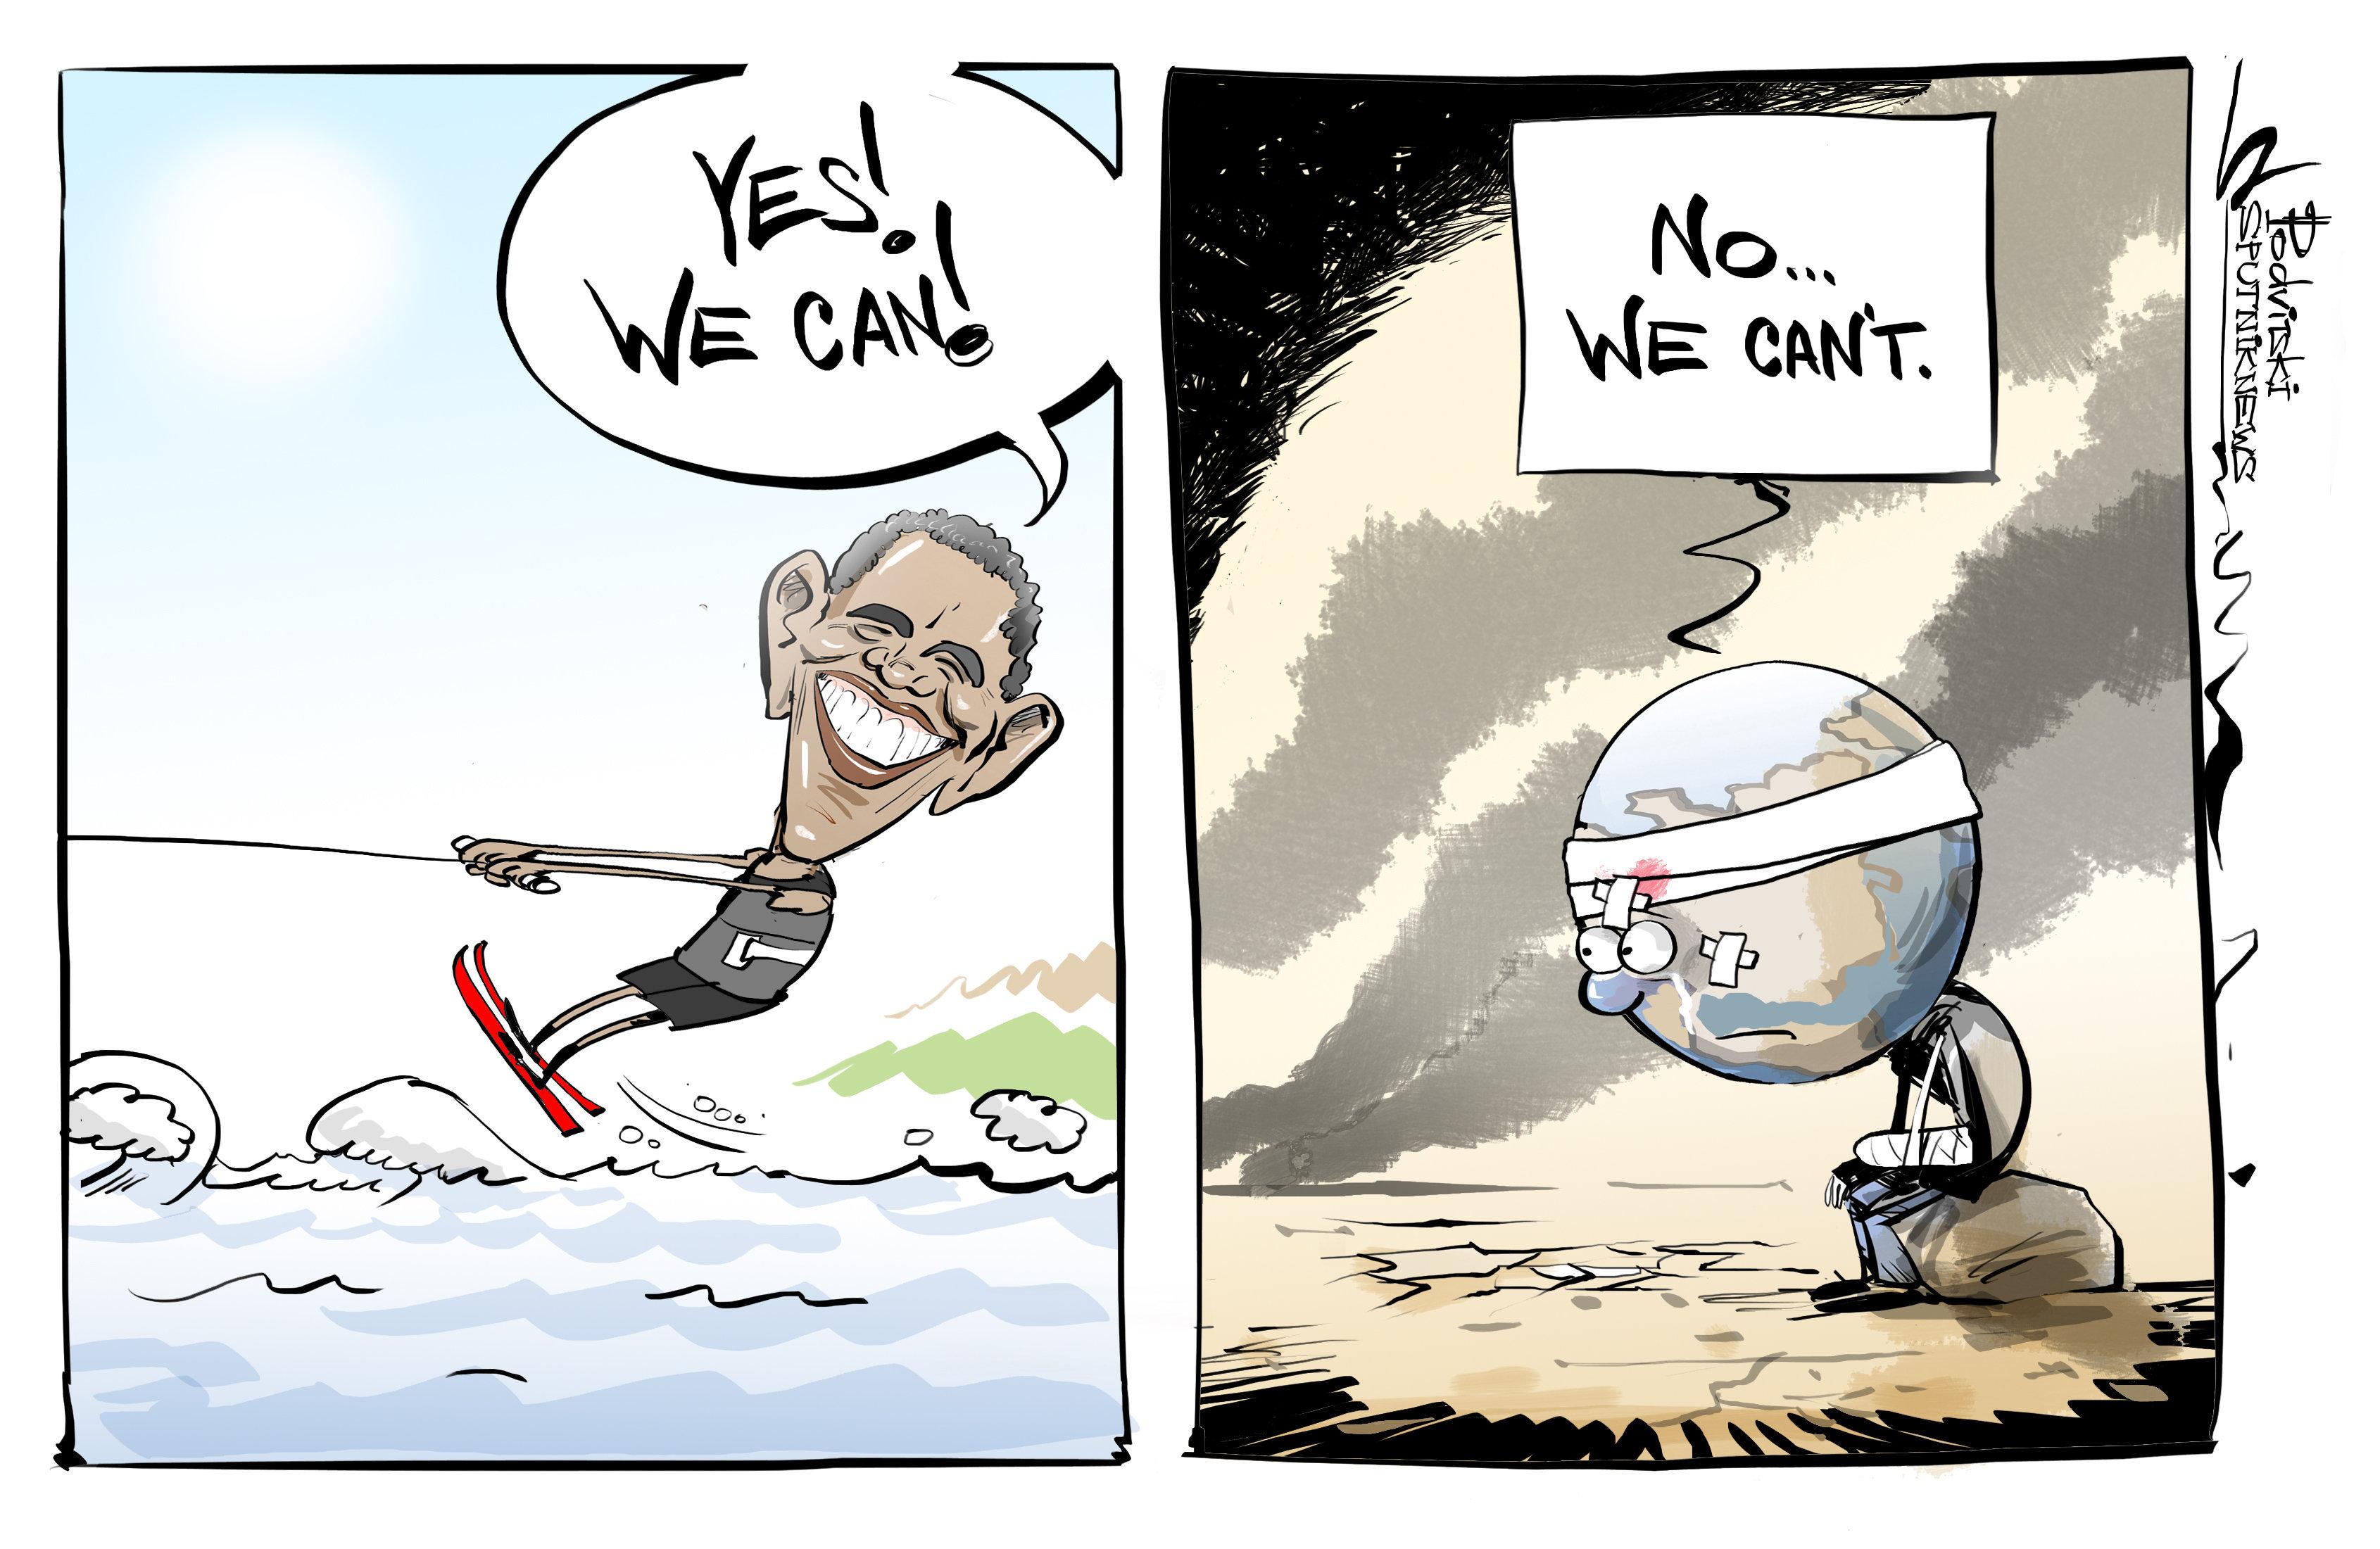 Qu'est ce qui va le mieux à Obama, une cravate ou un kite surf?